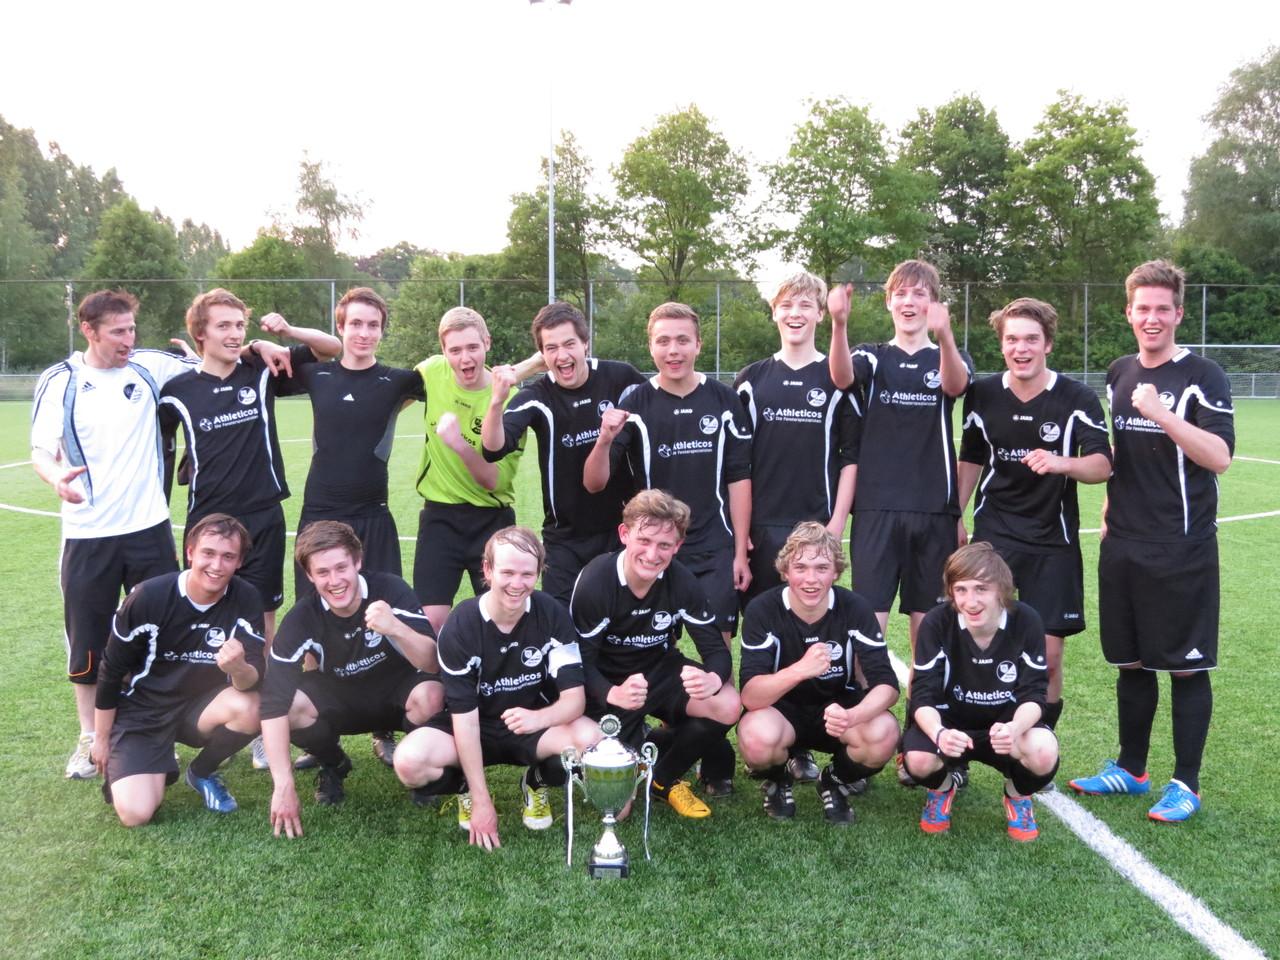 U-21 Finalsiegermannschaft Saison 2012/2013